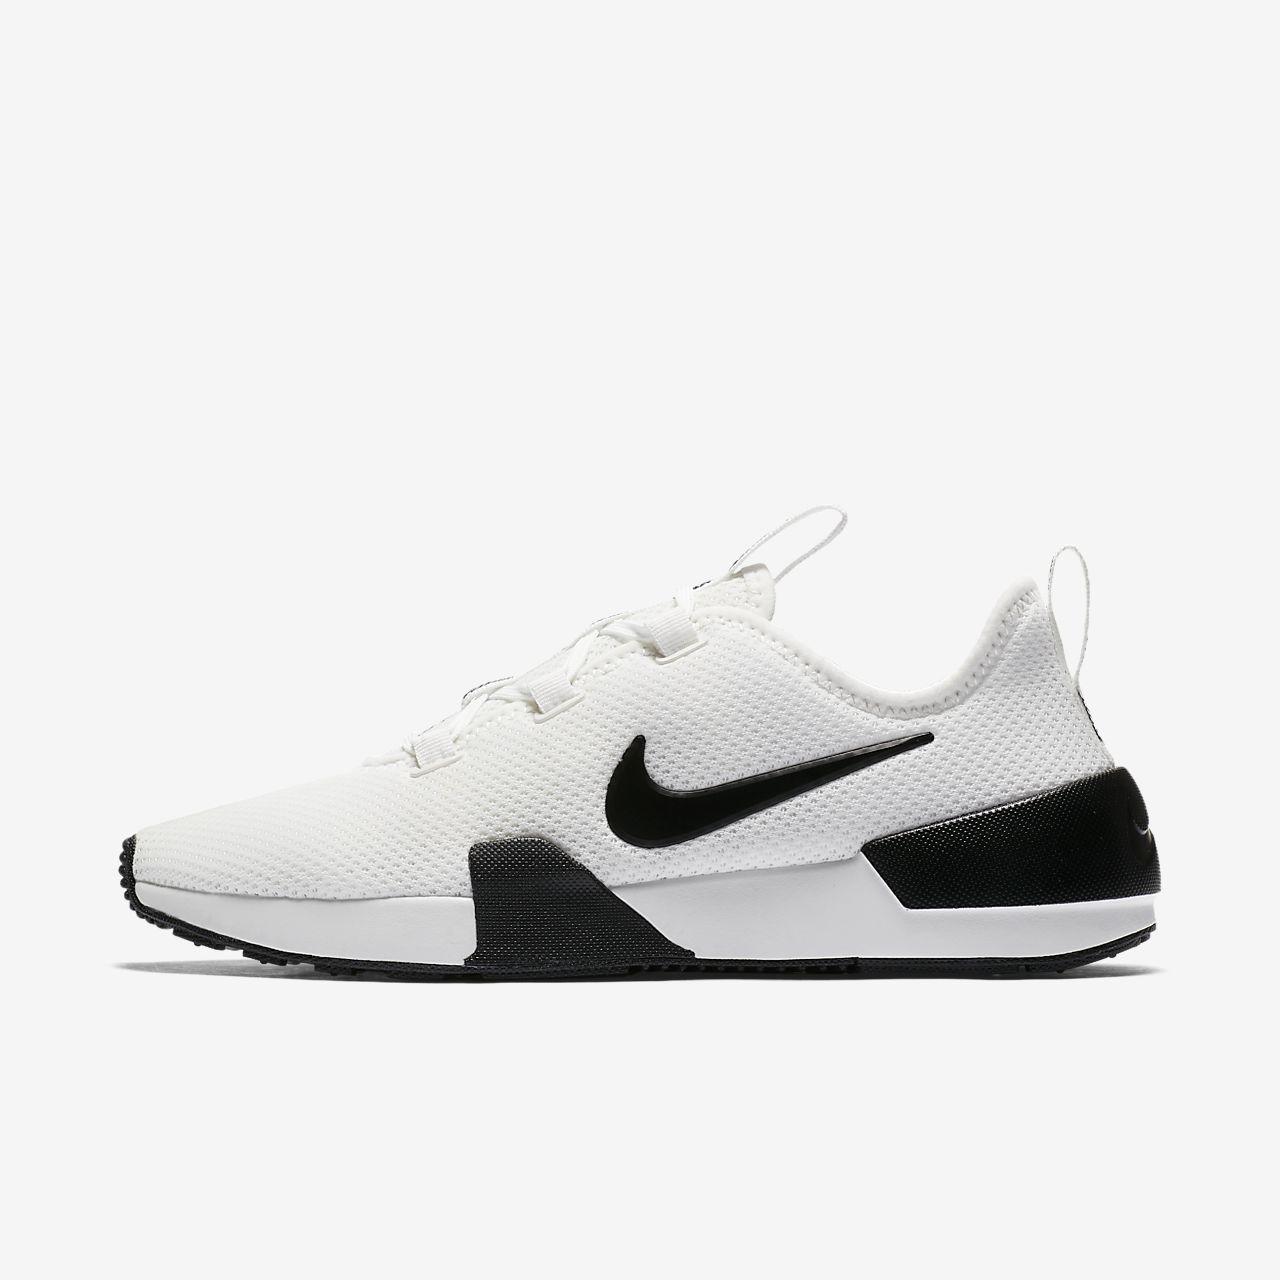 dccb34d01264 Nike Ashin Modern Run Women s Shoe. Nike.com AU